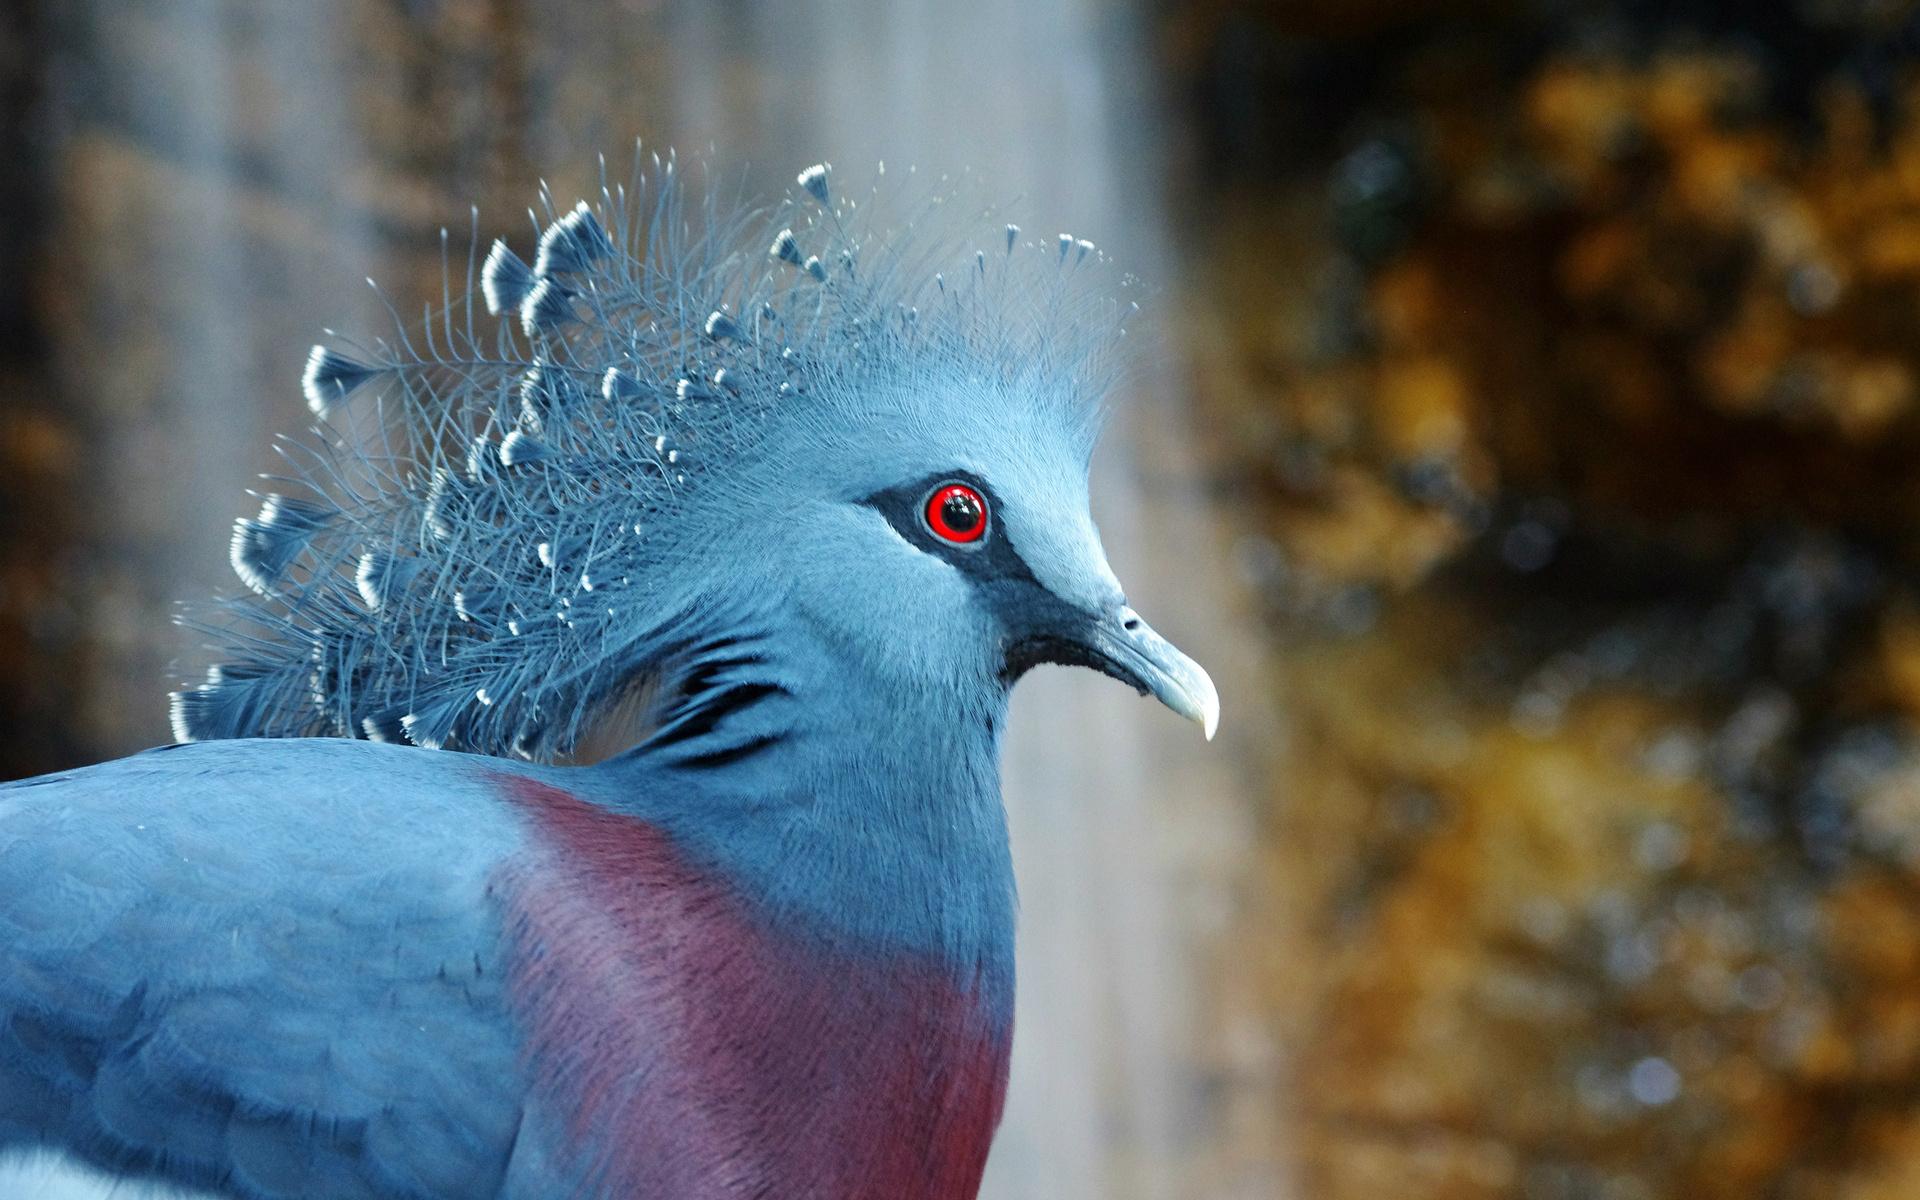 hình nền chim đẹp